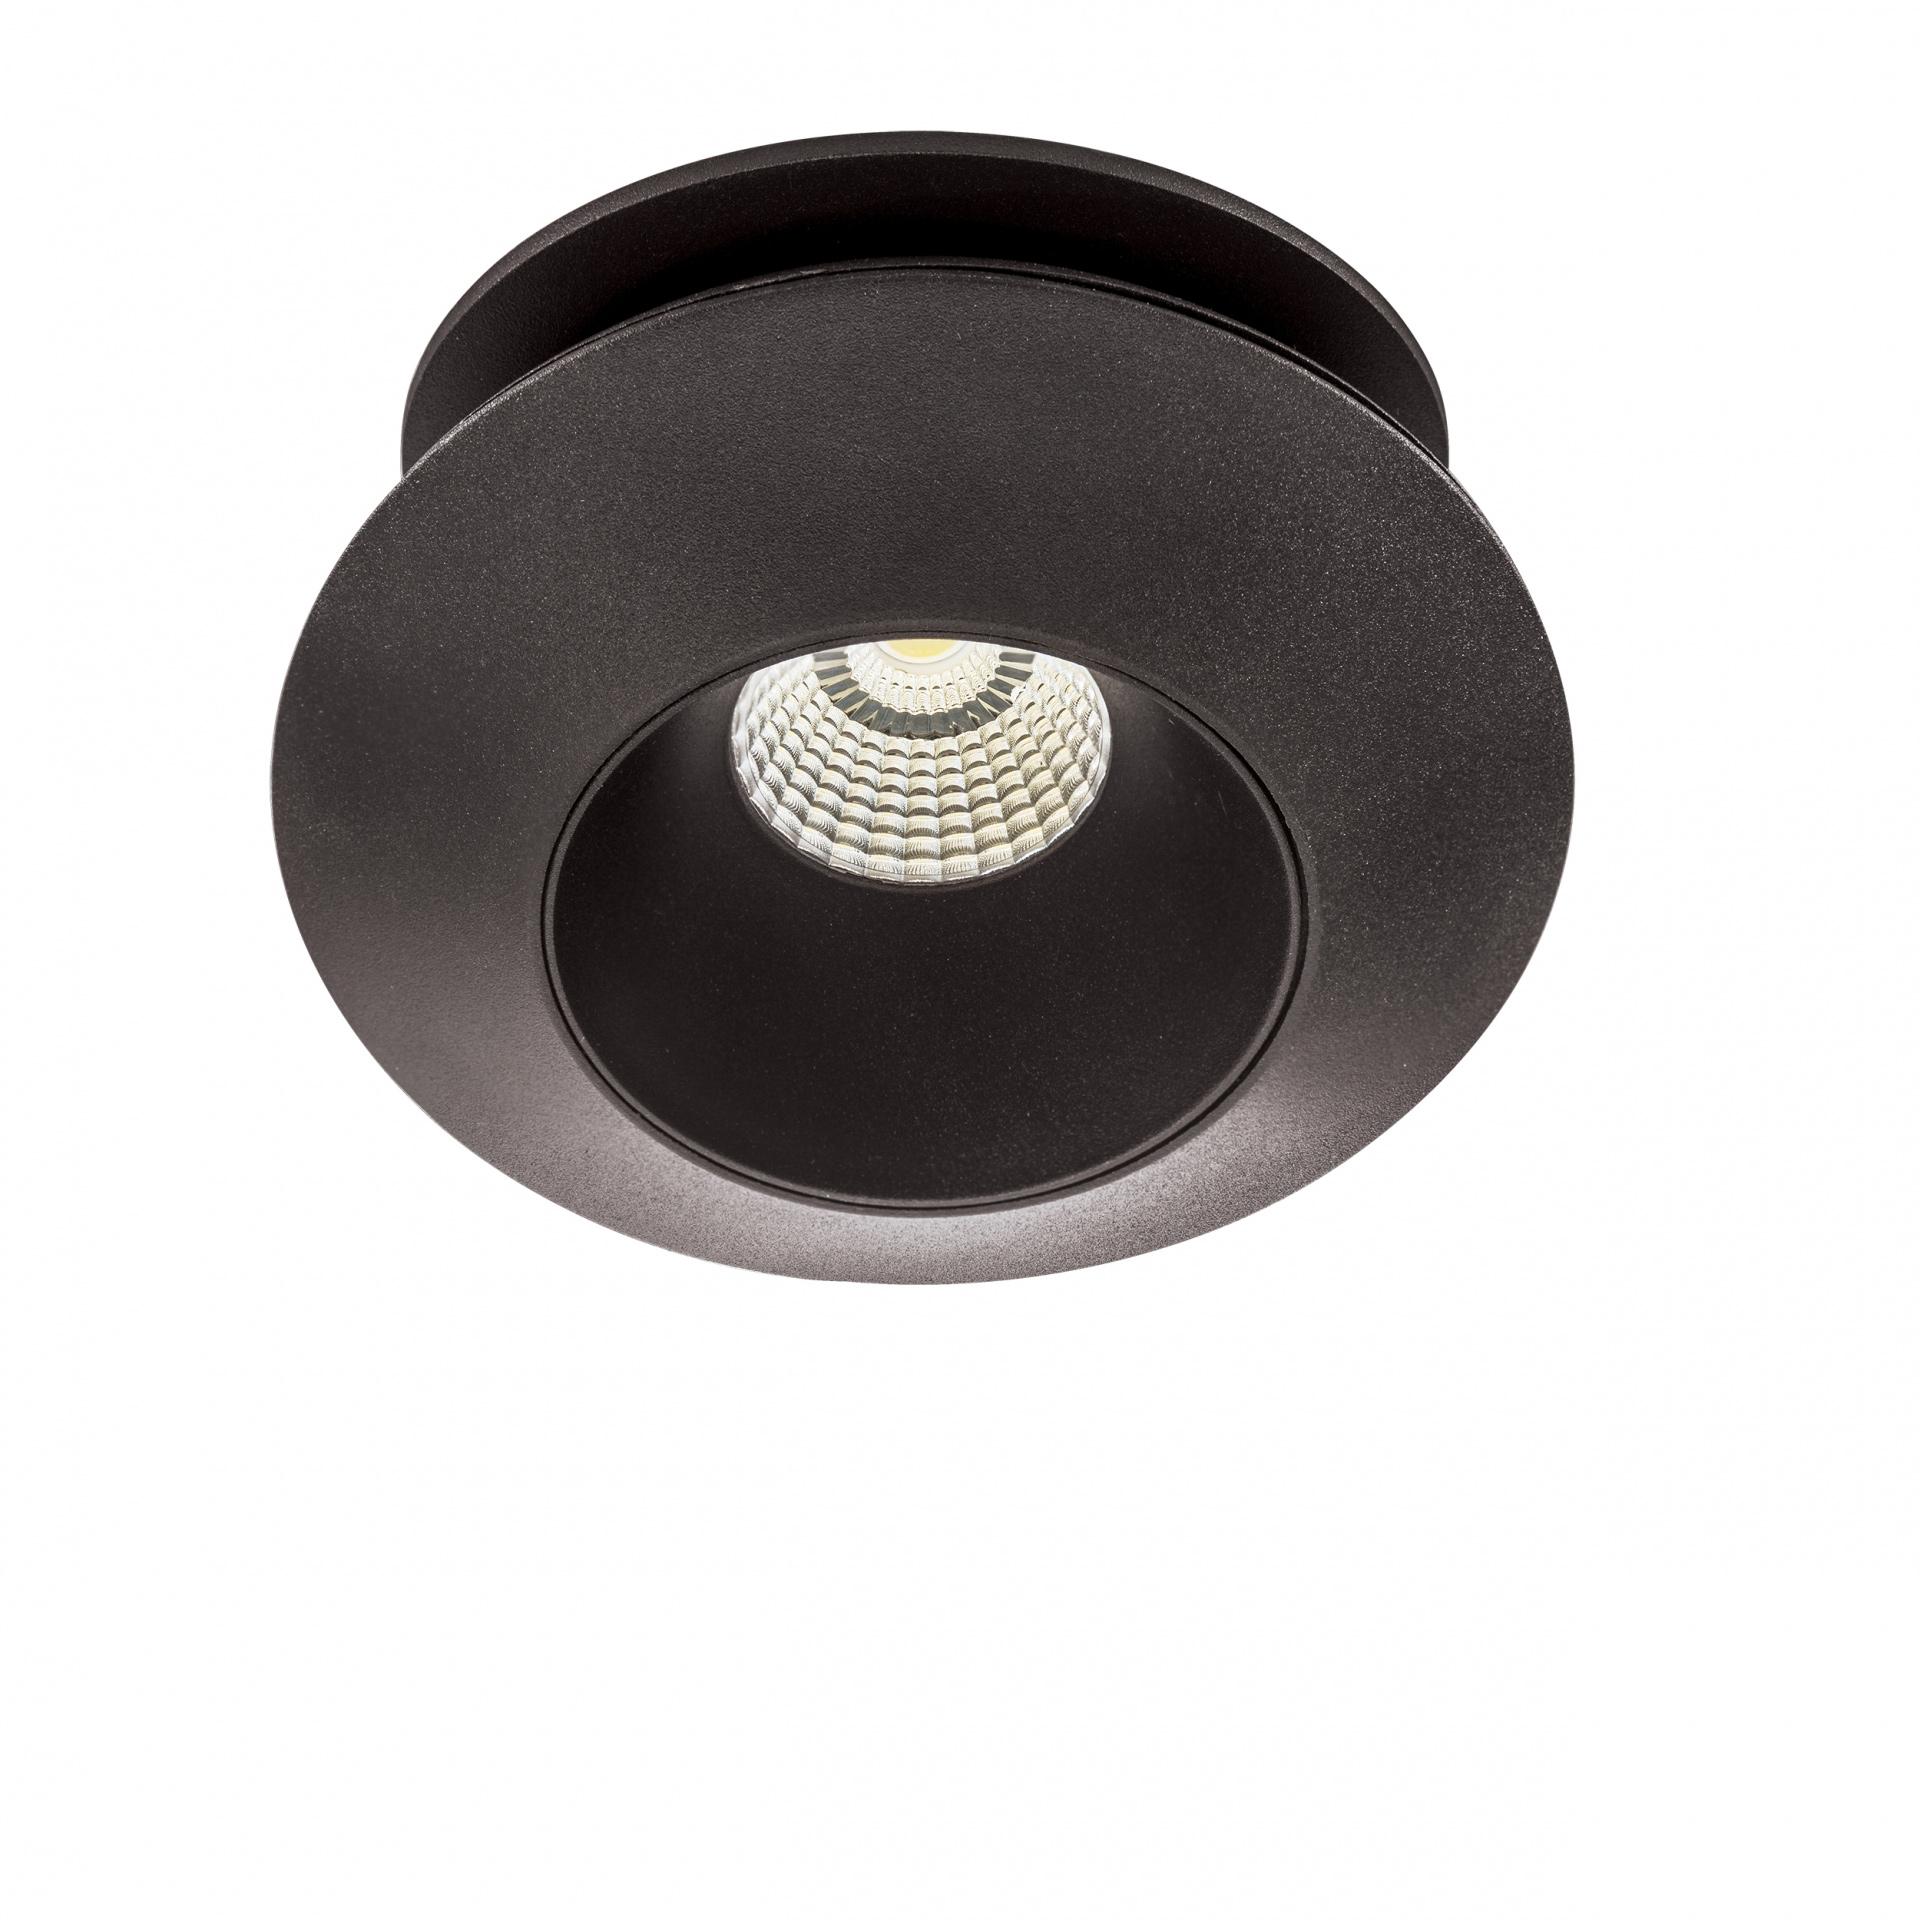 Светильник Orbe LED 15W 1240LM 60G черный 4000K Lightstar 051207, купить в СПб, Москве, с доставкой, Санкт-Петербург, интернет-магазин люстр и светильников Starlight, фото в жизни